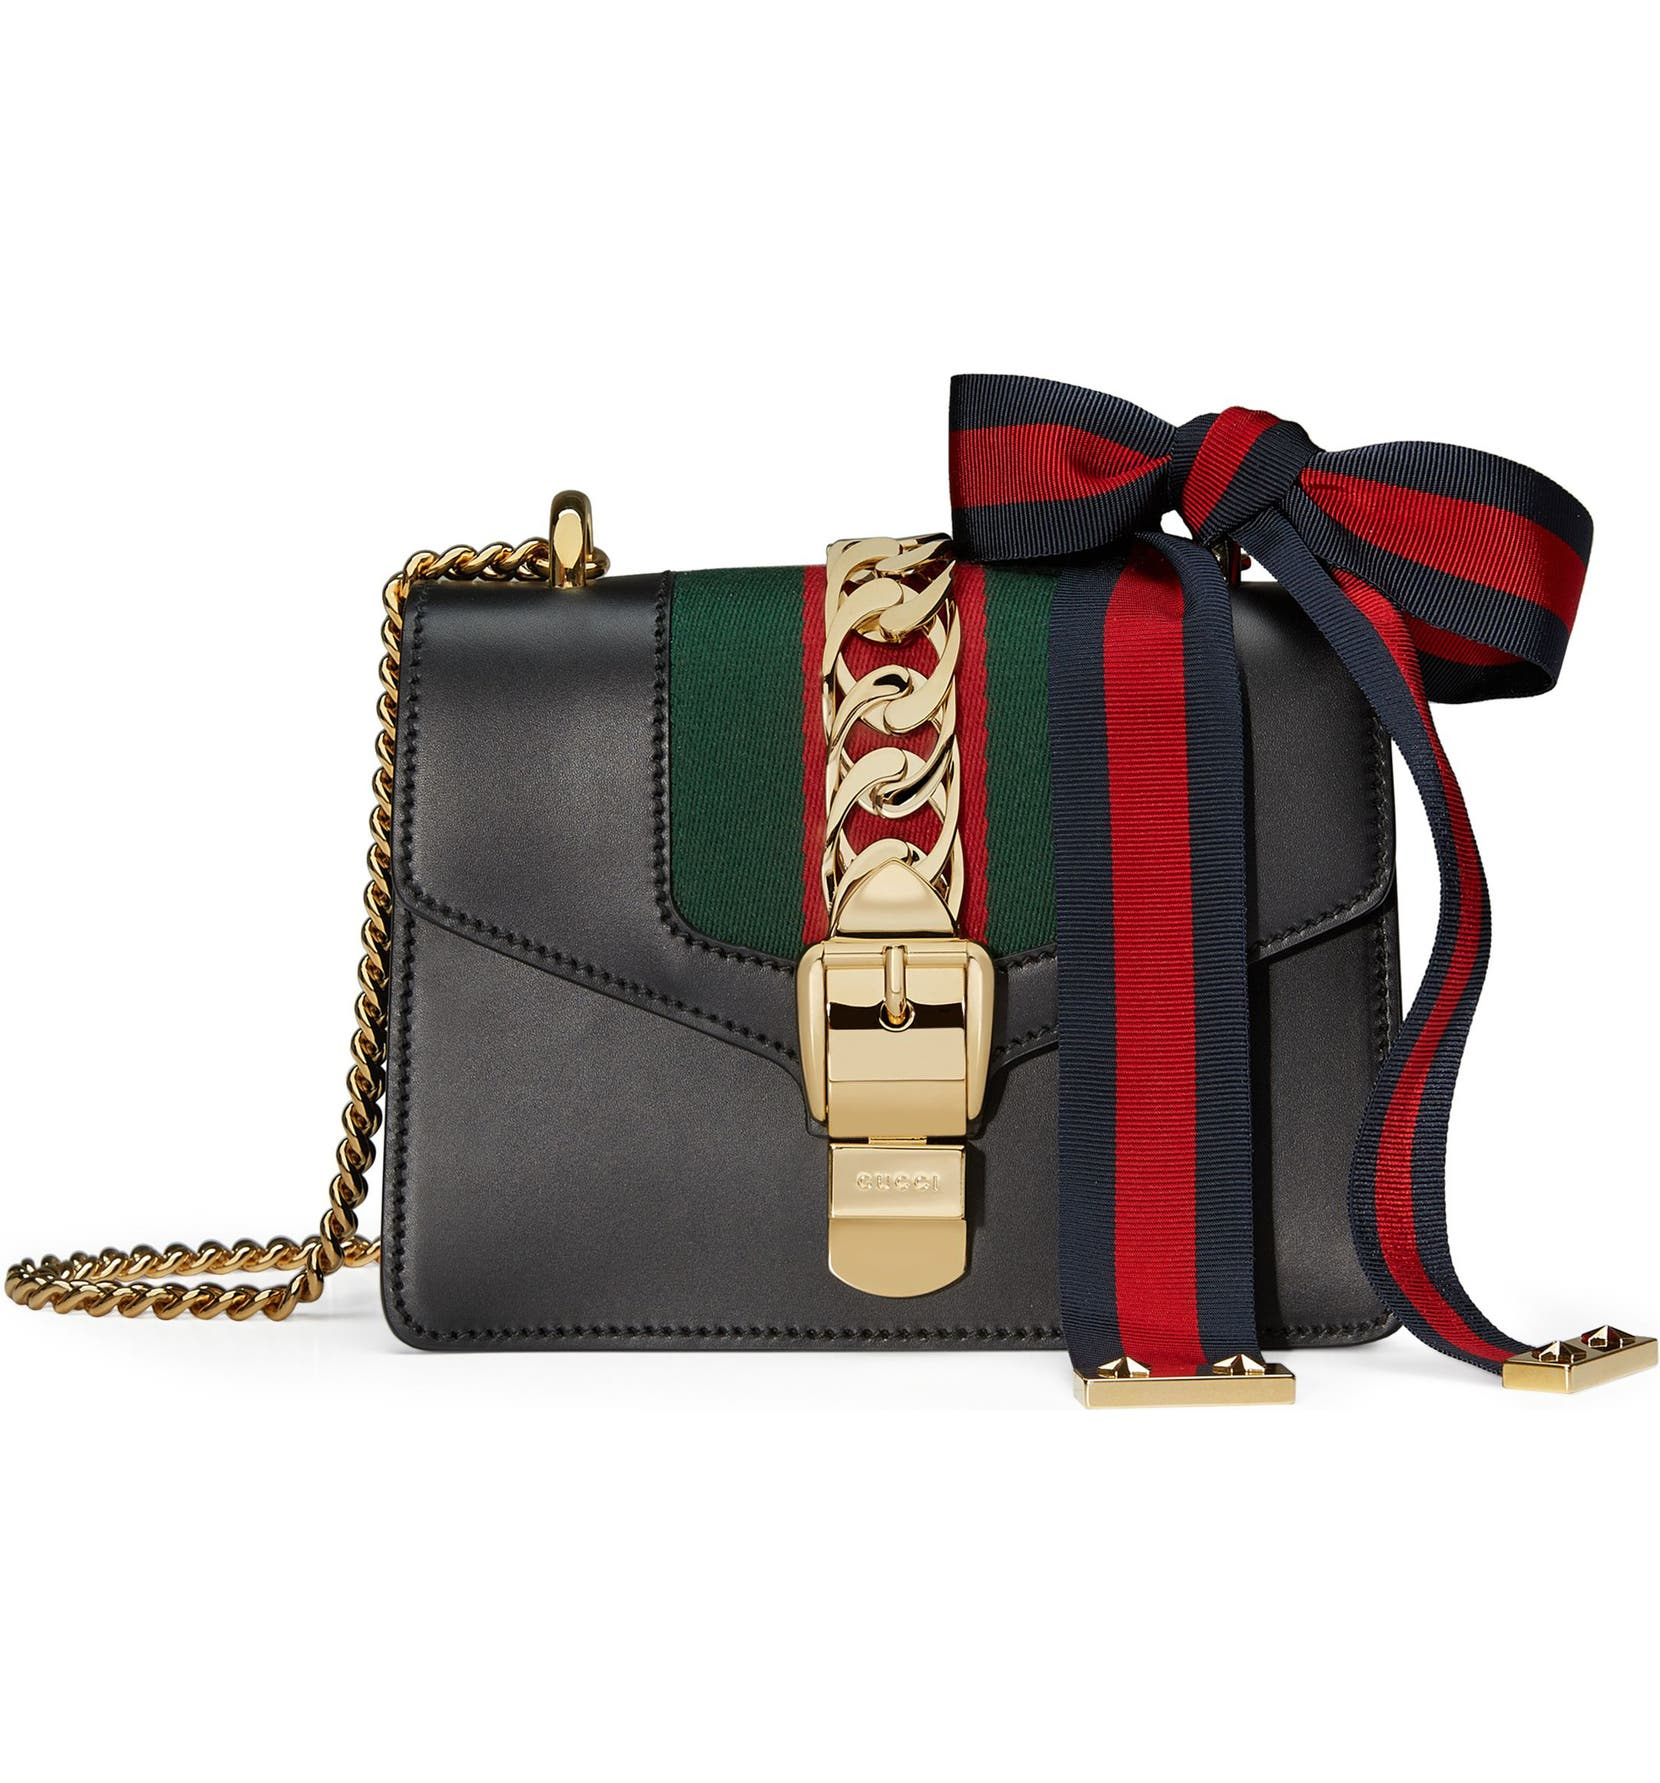 24e595258d6 Gucci Mini Sylvie Leather Shoulder Bag